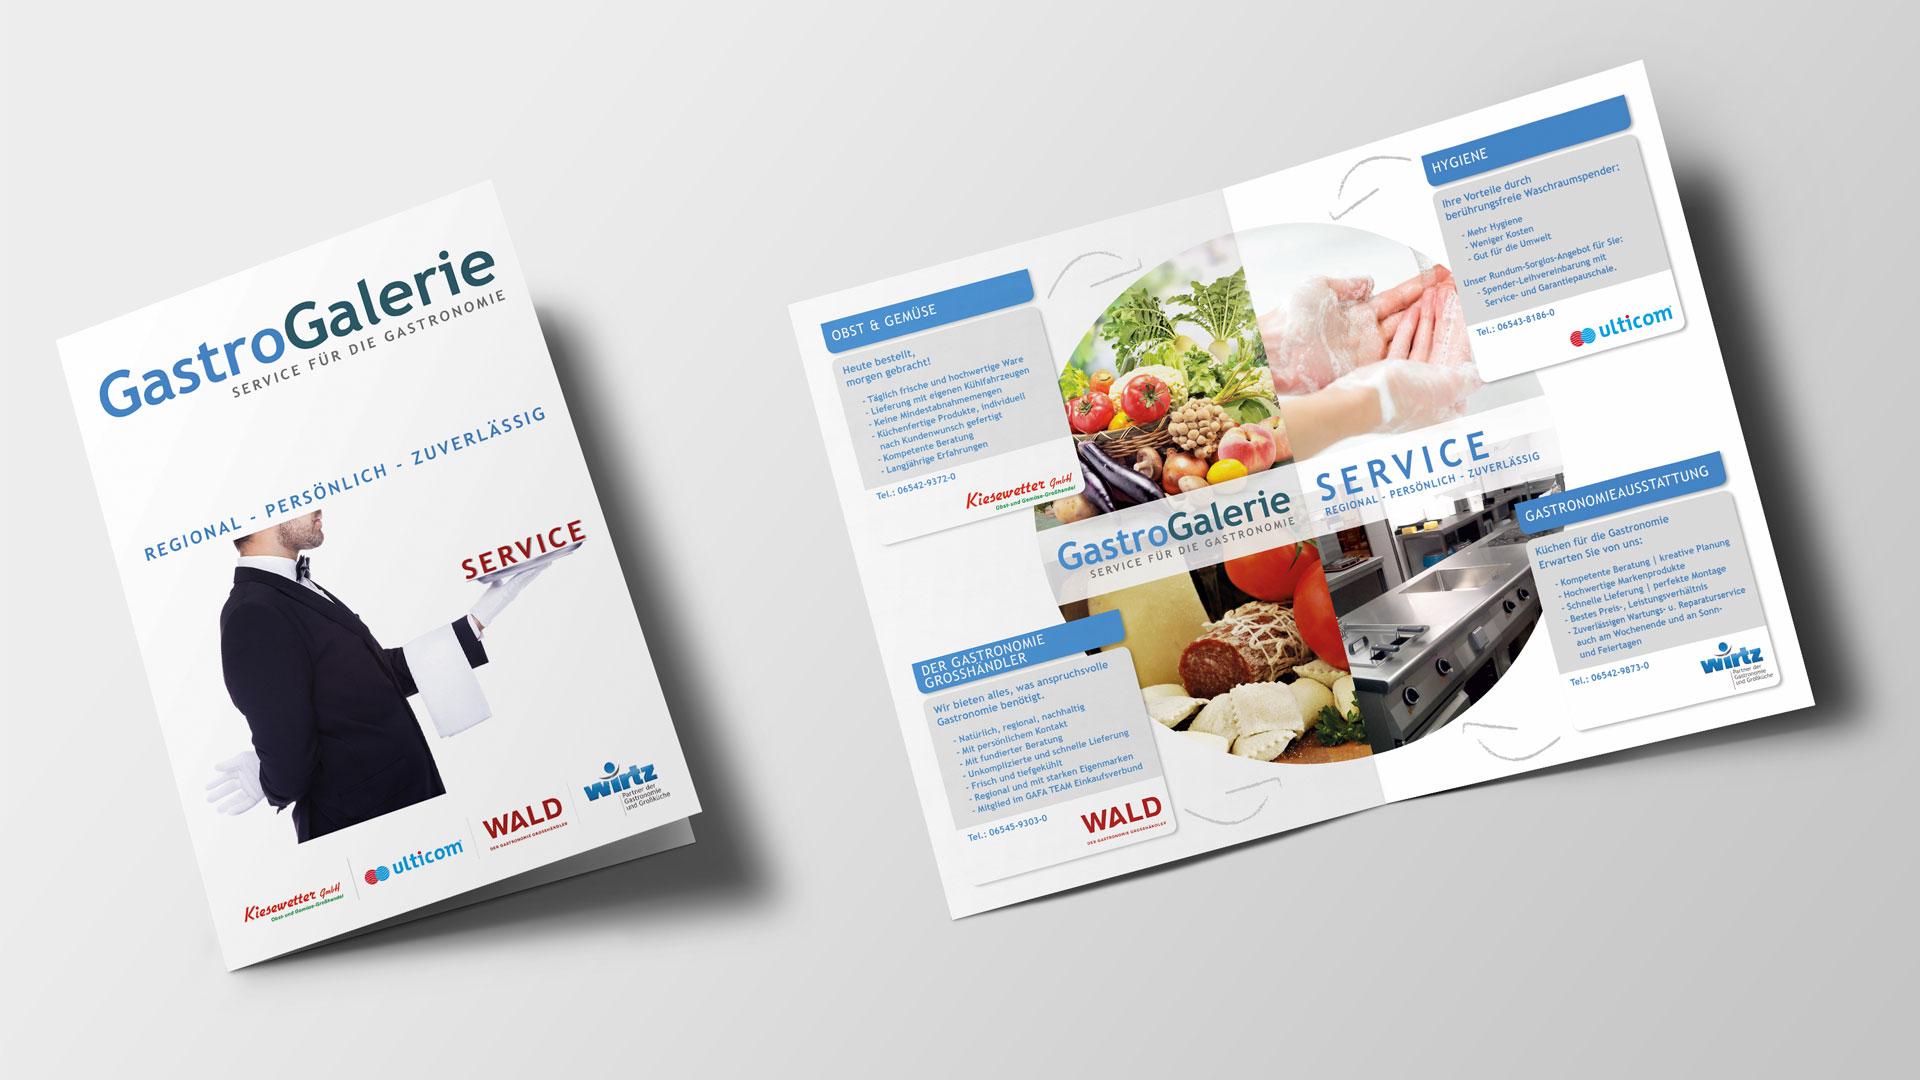 Broschuere GastroGalerie